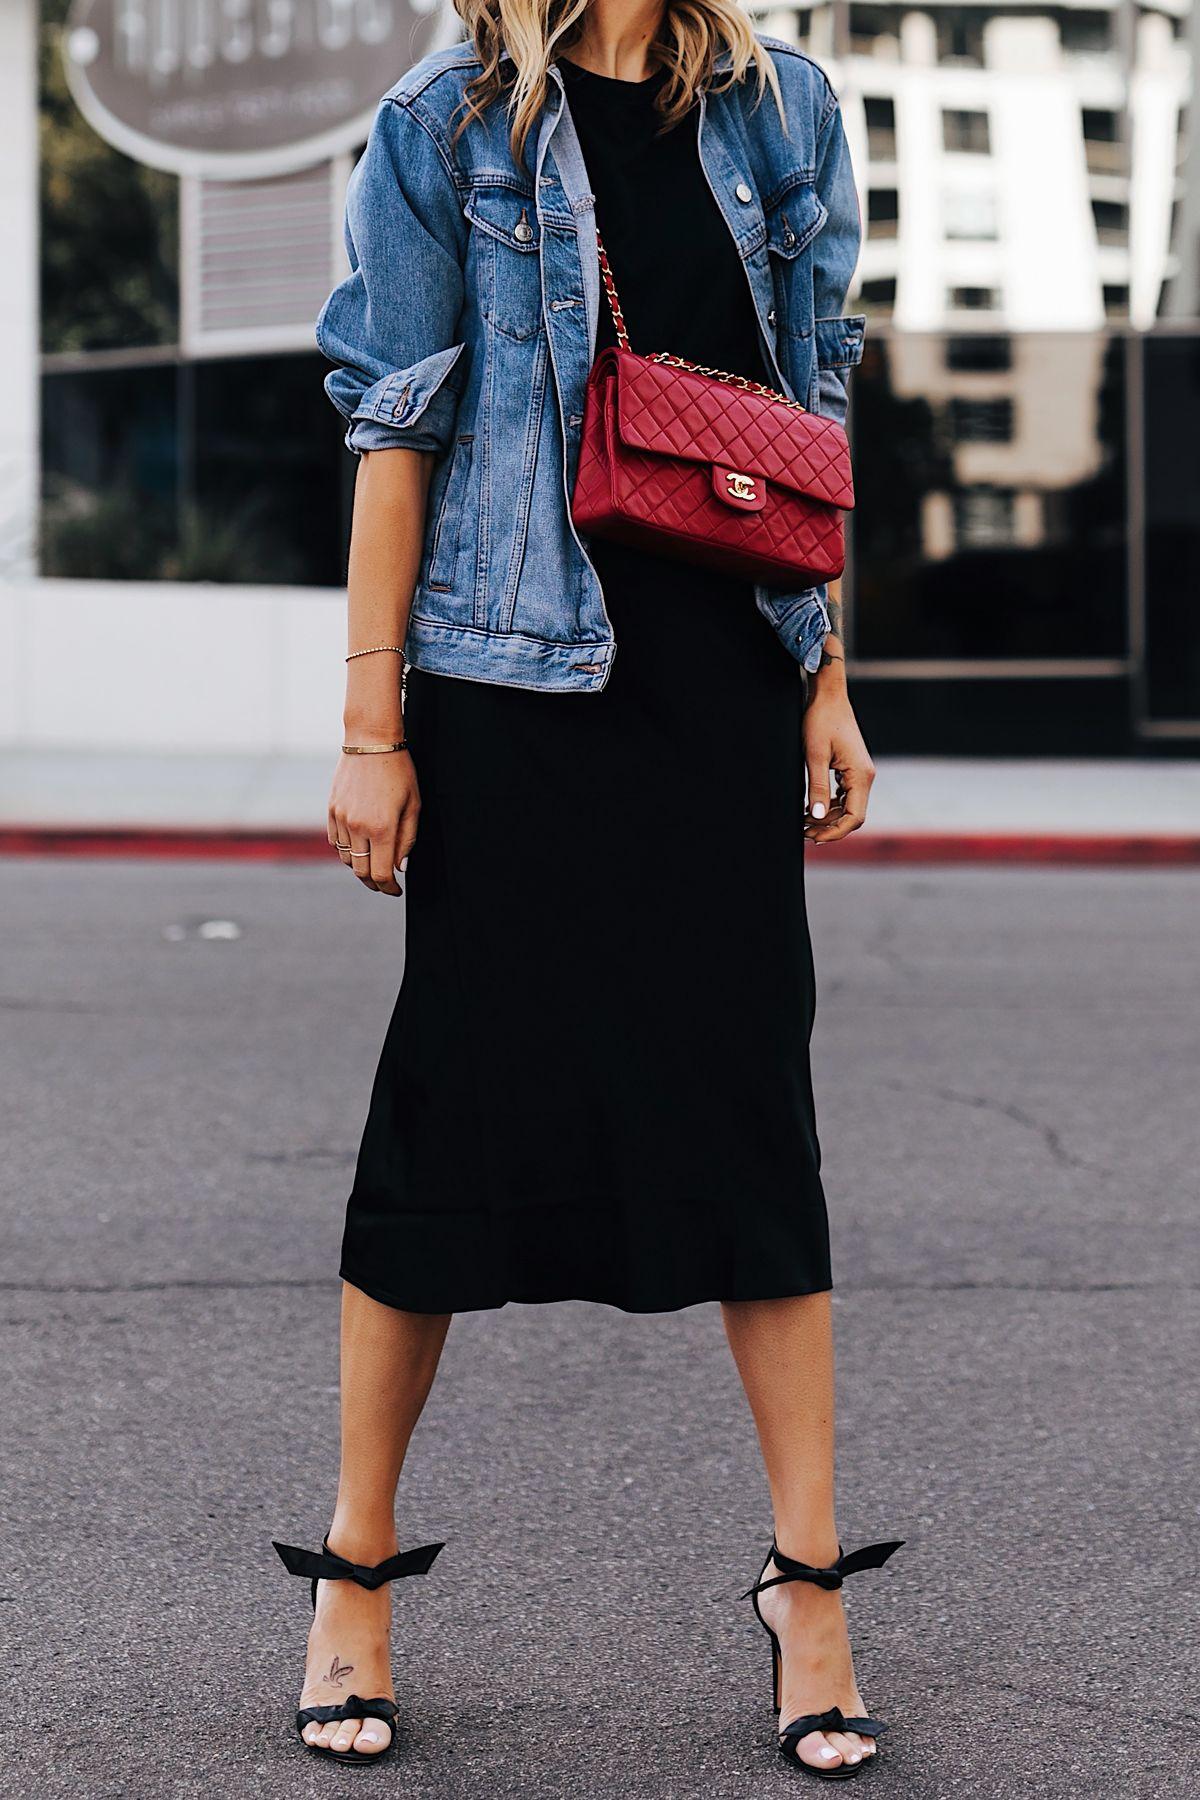 Fashion Jackson Fashion Jackson Fashion Denim Fashion [ 1800 x 1200 Pixel ]